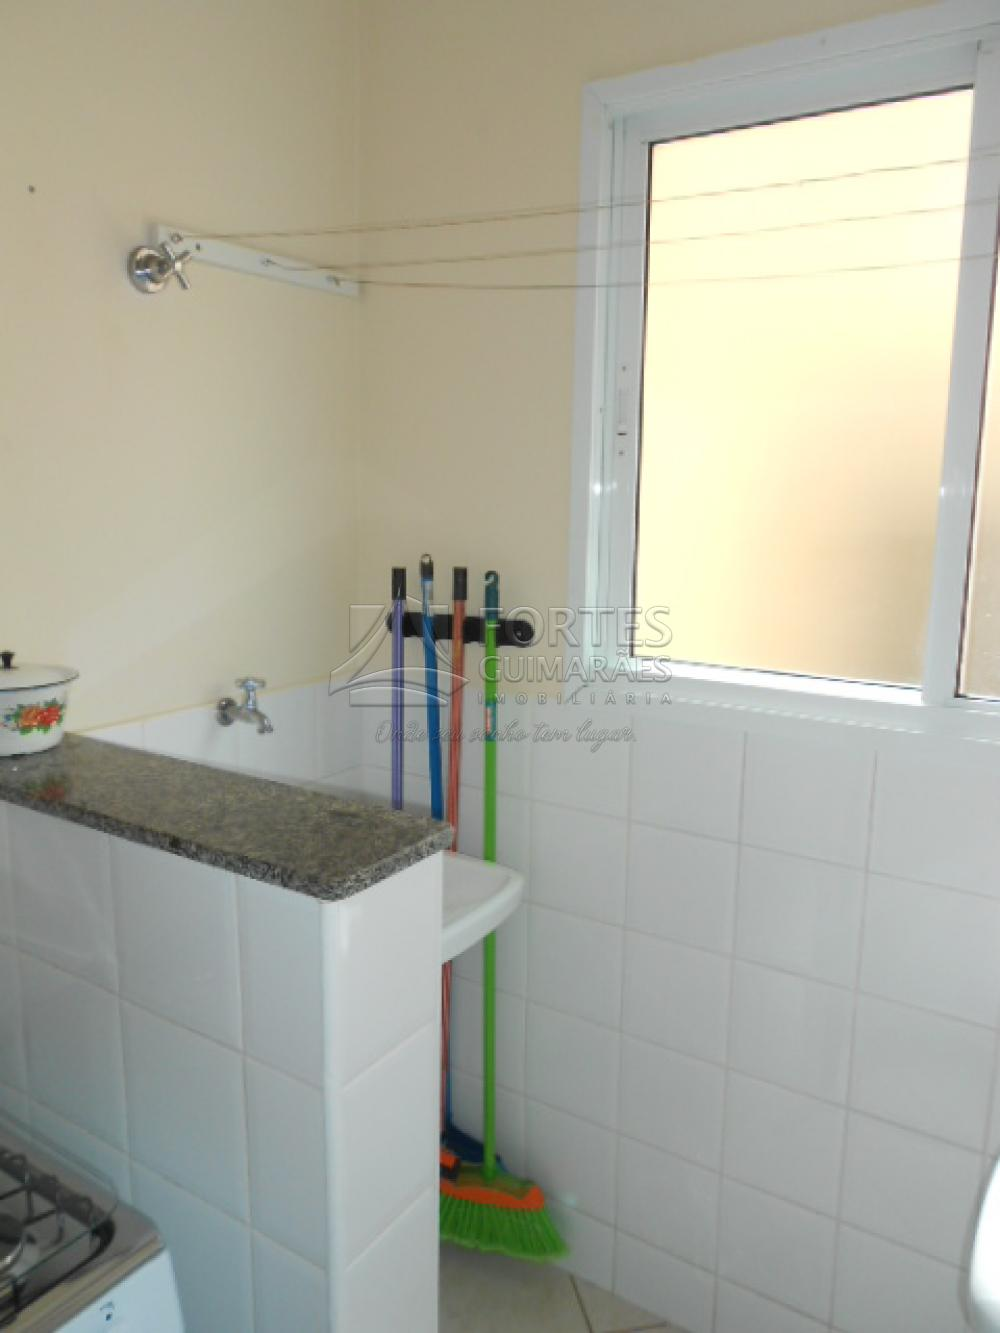 Alugar Apartamentos / Mobiliado em Ribeirão Preto apenas R$ 900,00 - Foto 22